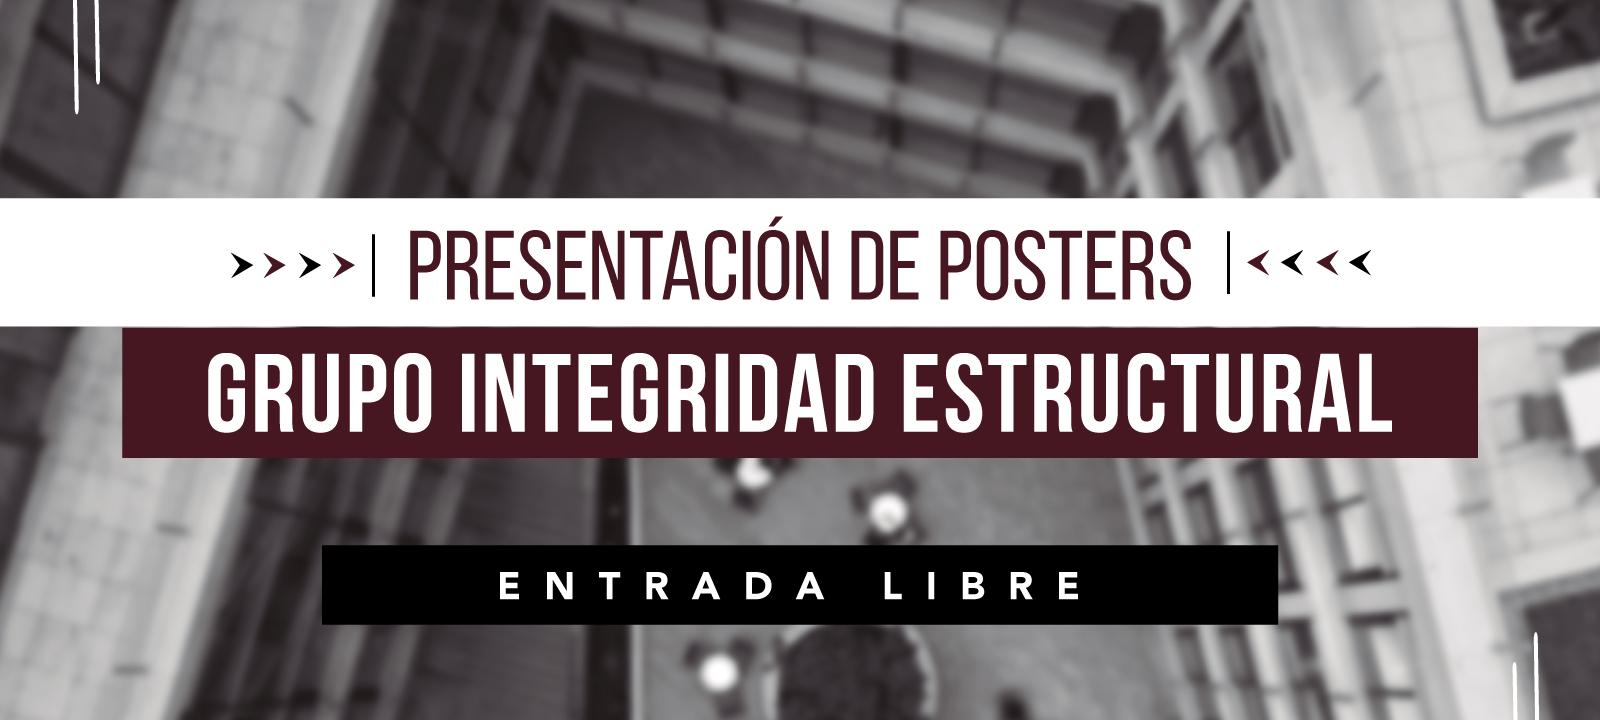 Evento Presentación de Posters - Grupo Integridad Estructural